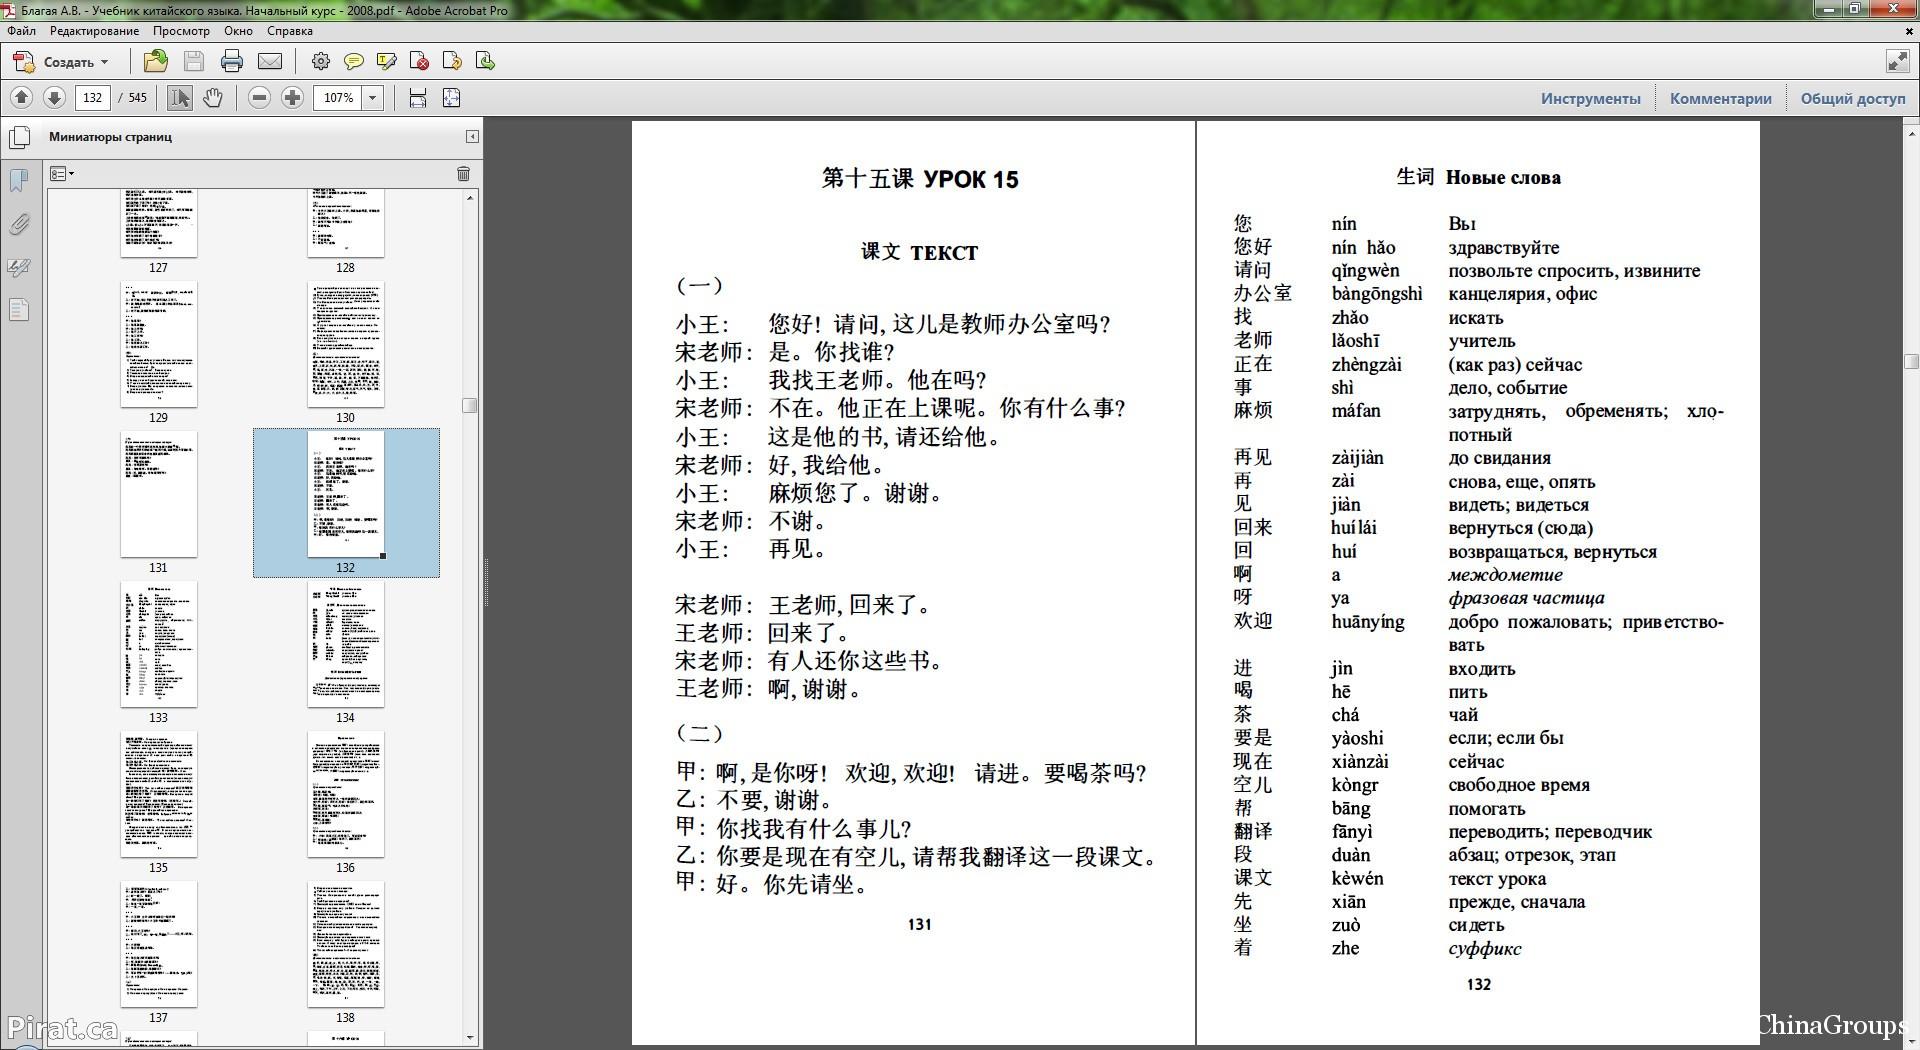 Тетрадь для изучения китайского языка